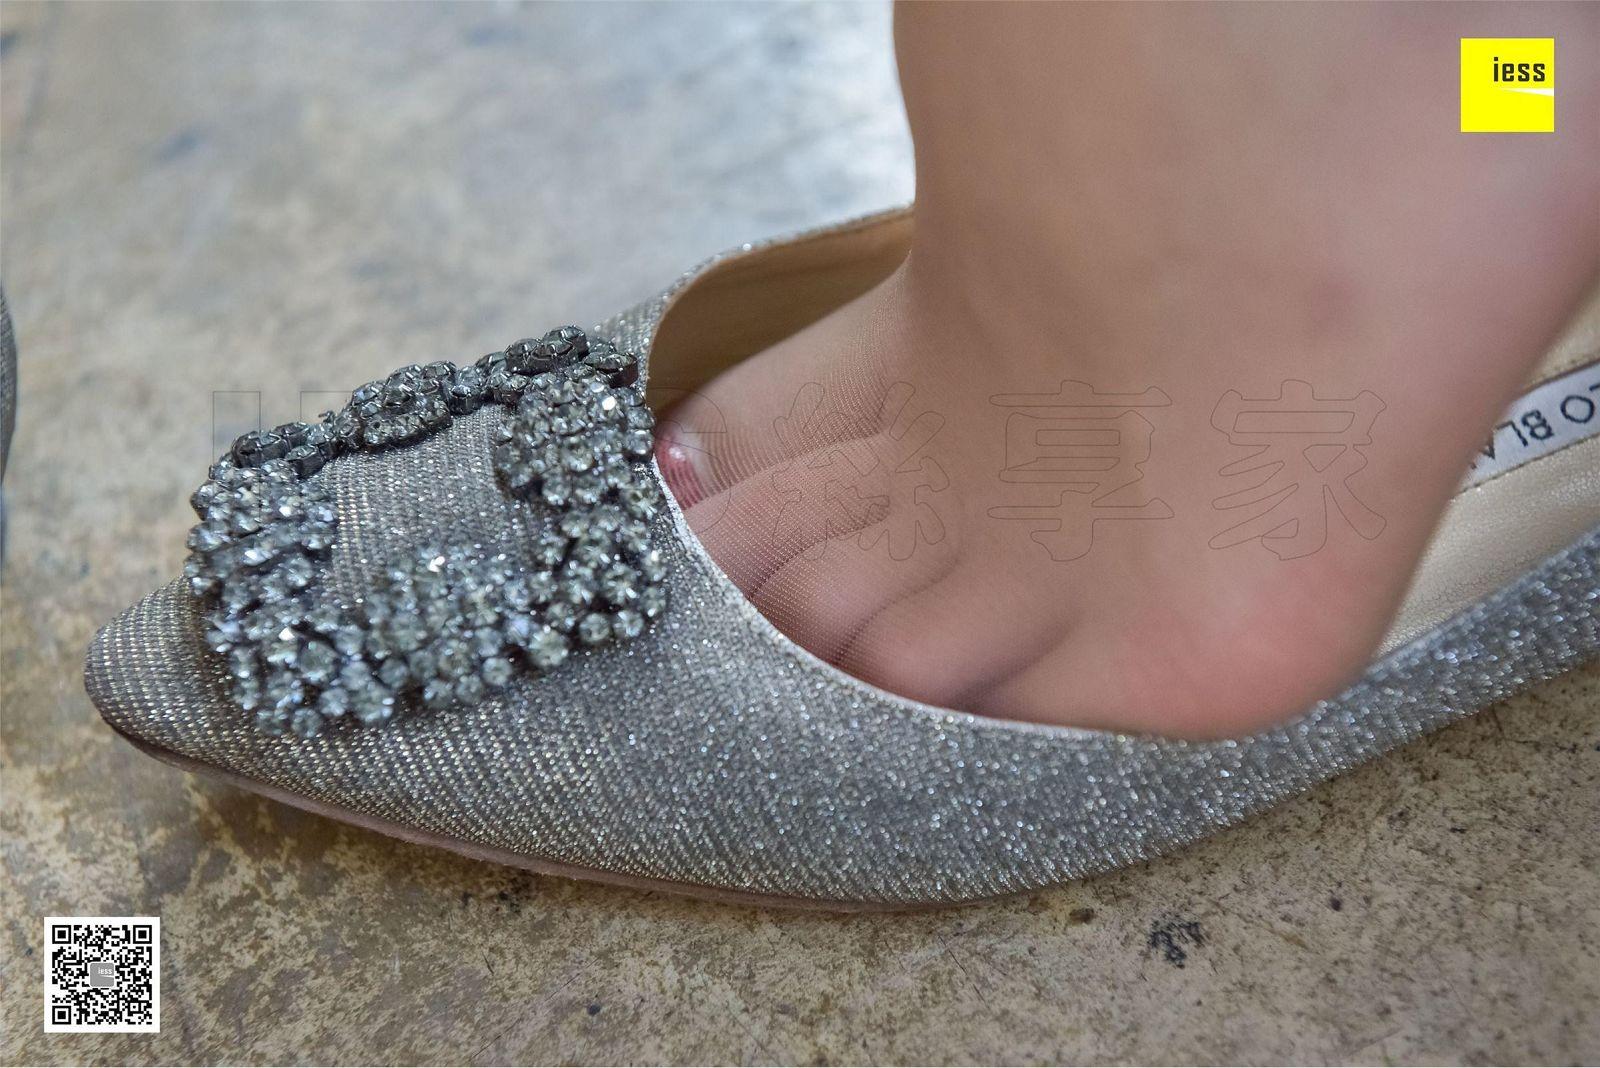 [异思趣向] 2017.11.24 SXJ.111 七七 大长腿咖啡丝平底鞋[99P] 异思趣向 第3张